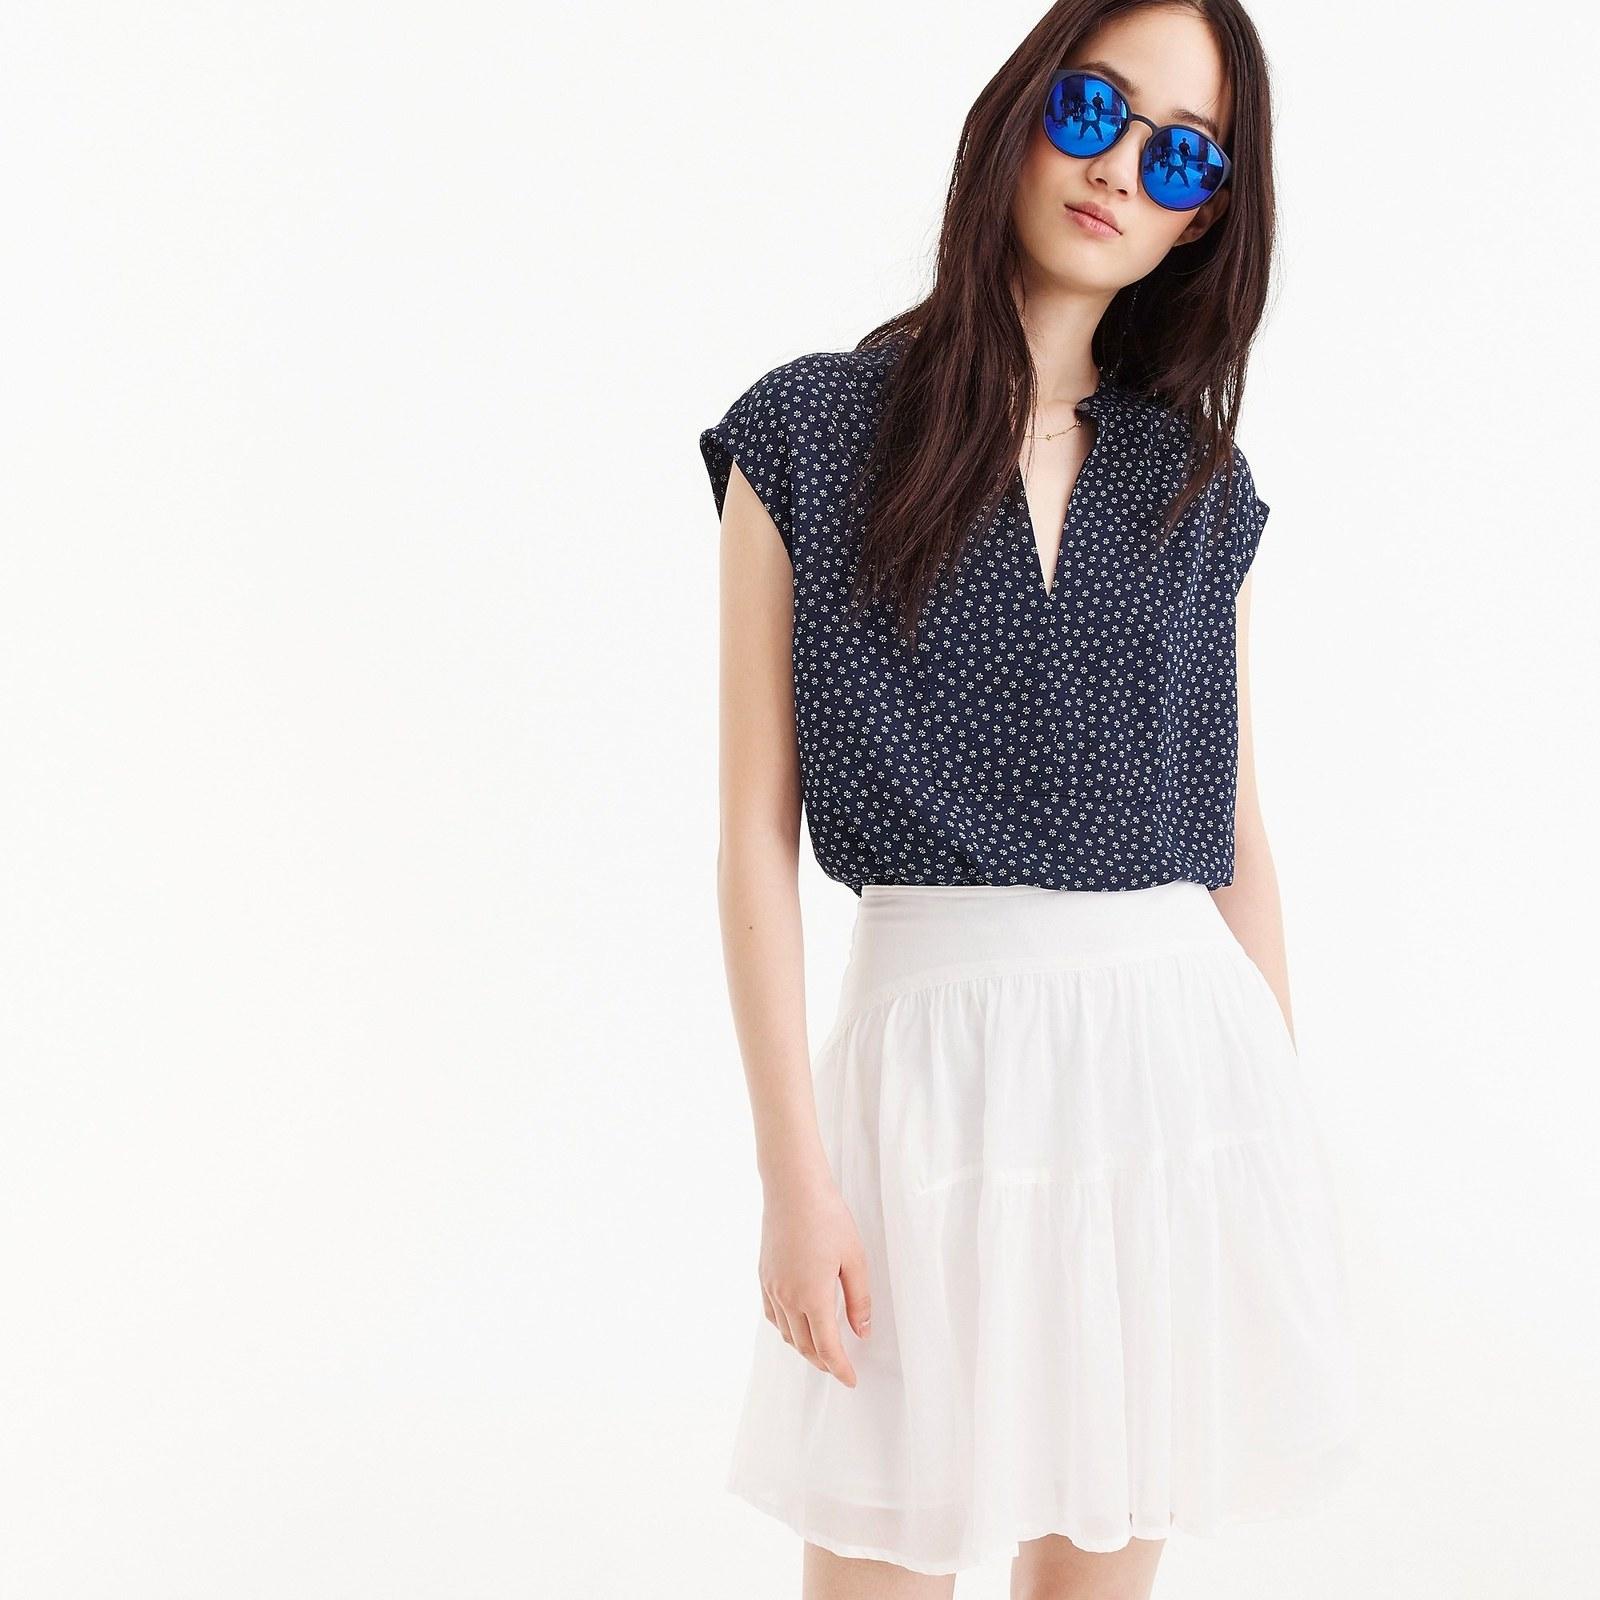 U.s Girl's Size 2t Denim Look Summer Top. Polo Assn